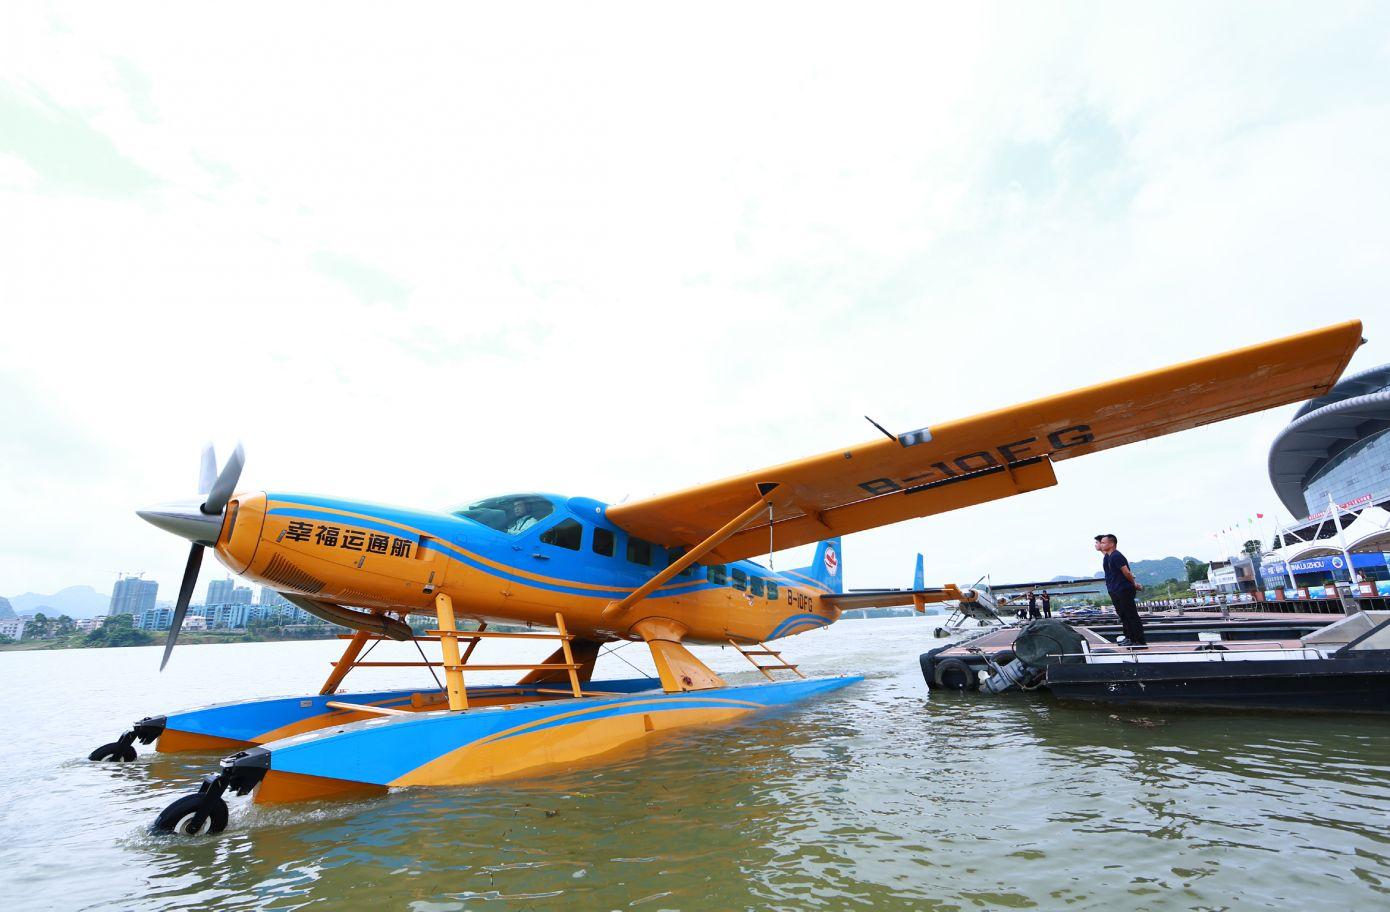 广西柳州:水上飞机助力观光旅游(组图)